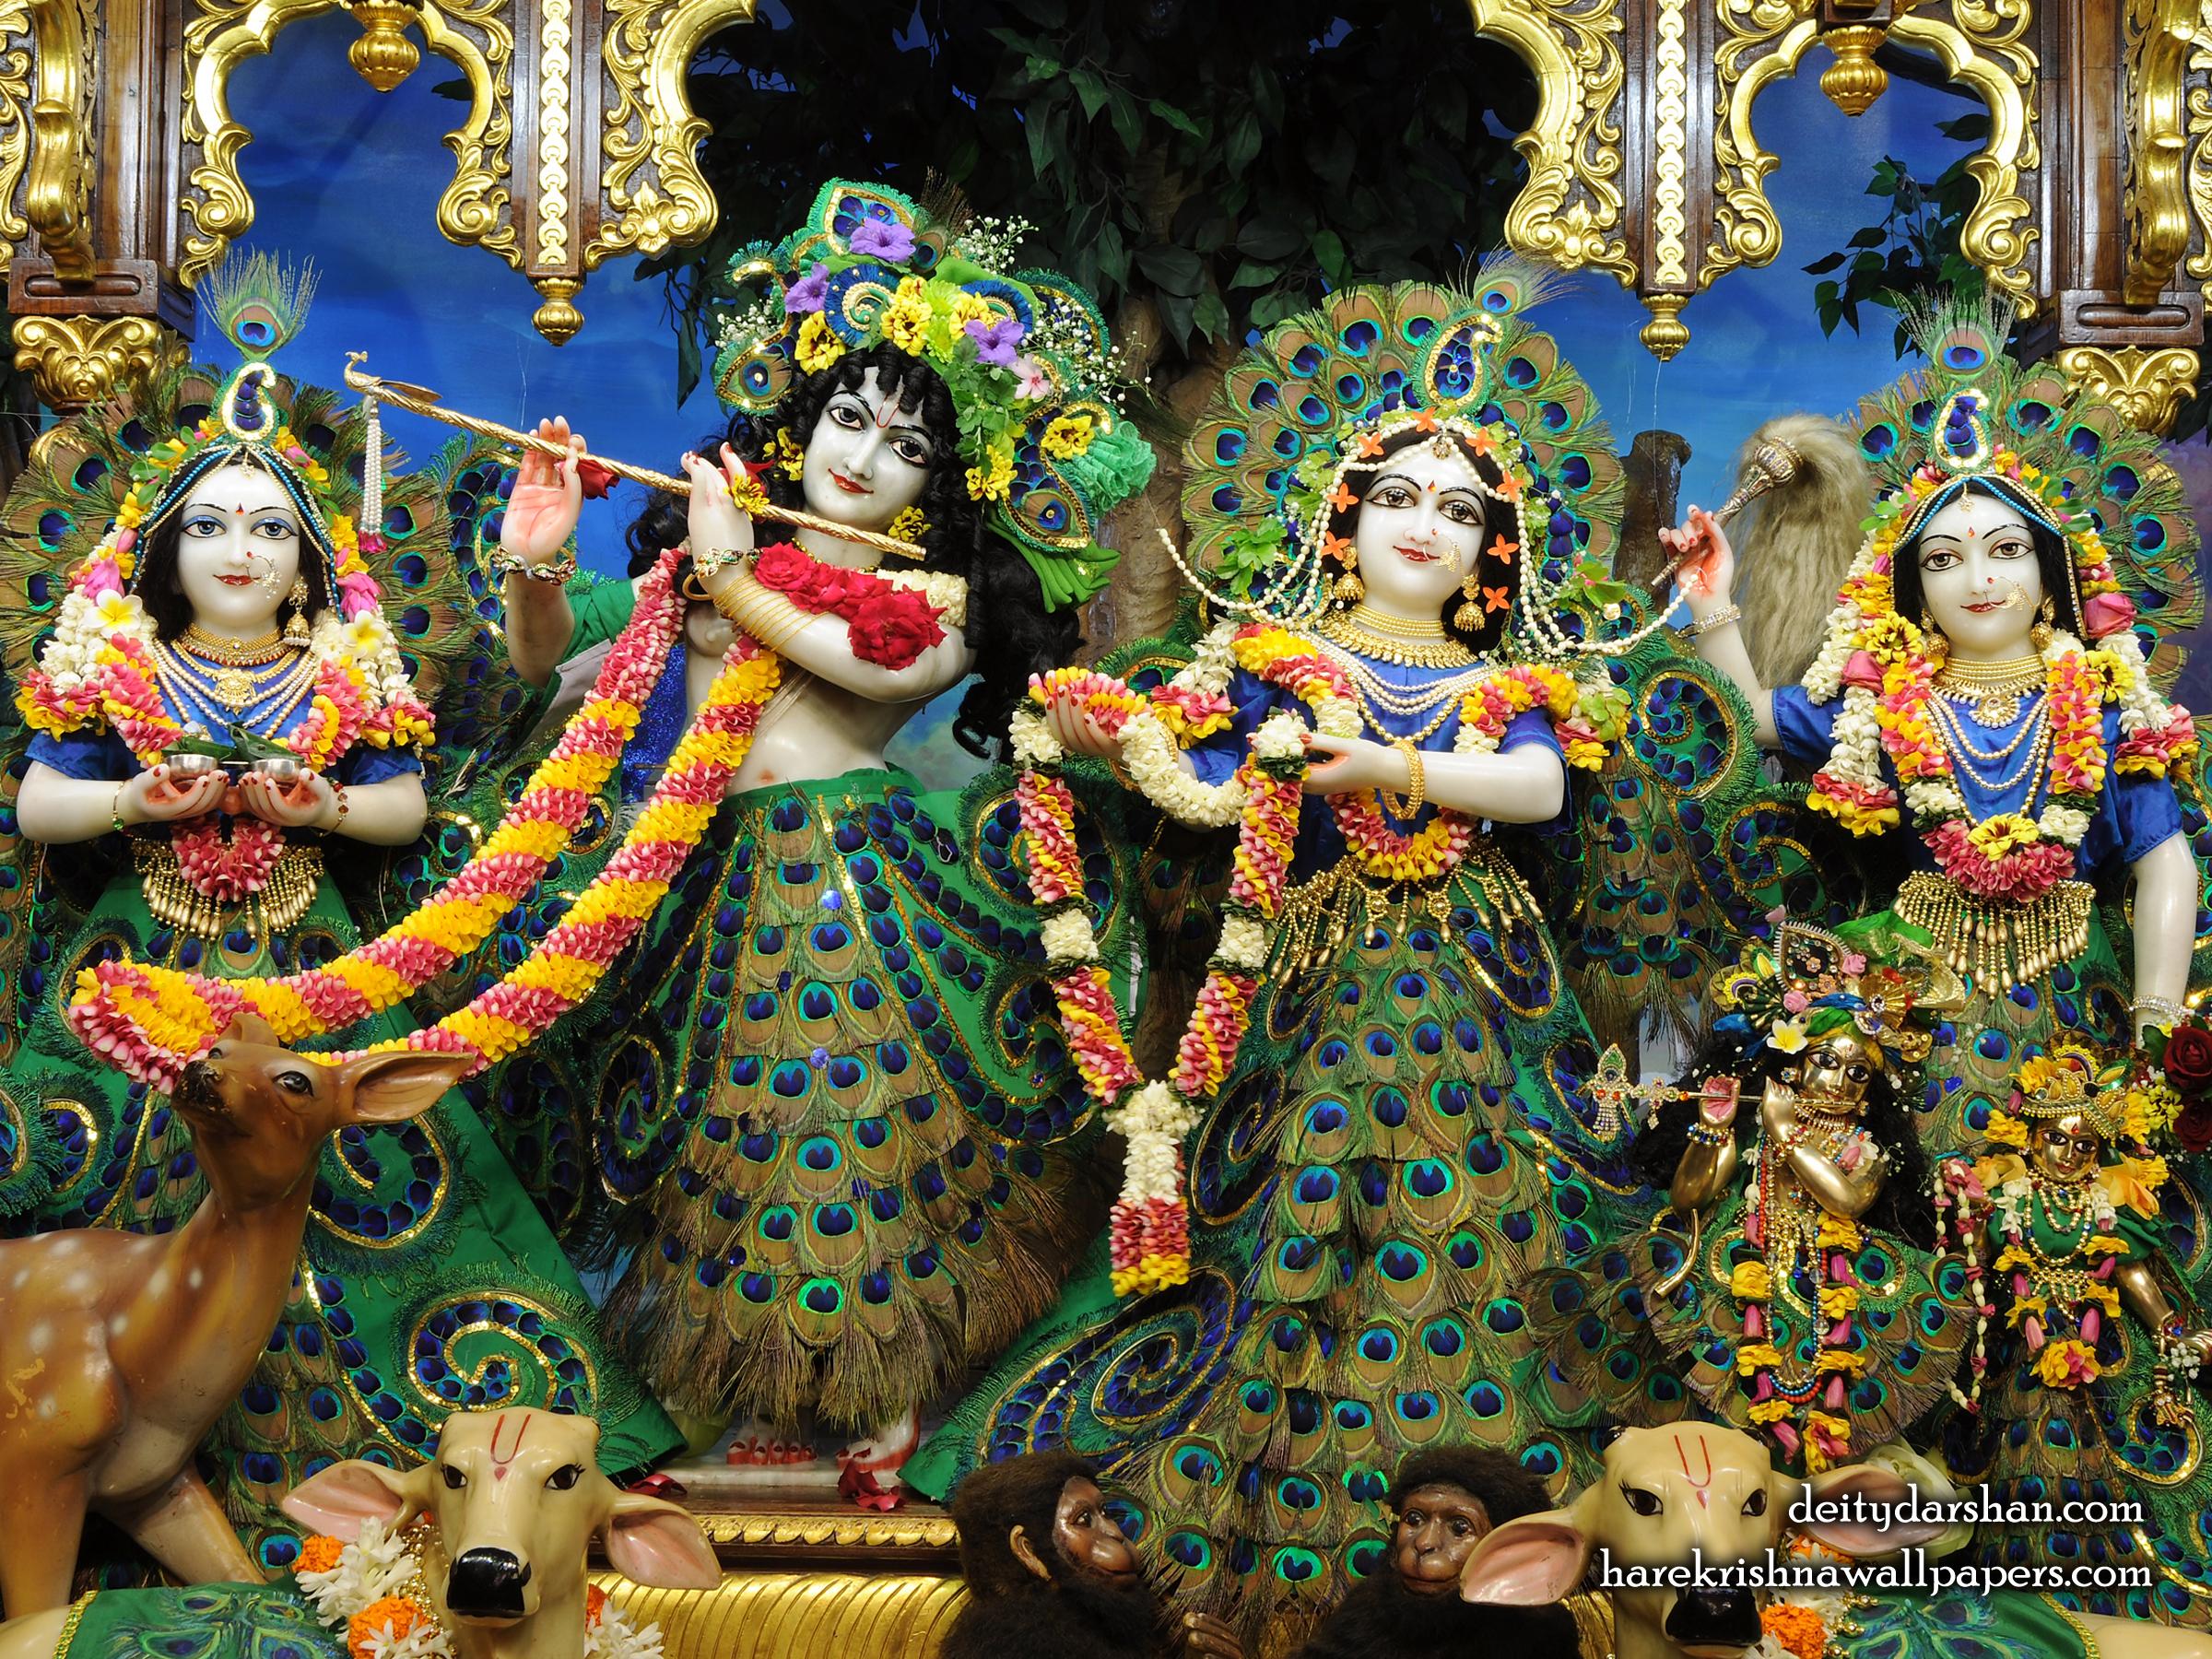 Sri Sri Radha Gopinath Lalita Vishakha Wallpaper (067) Size 2400x1800 Download